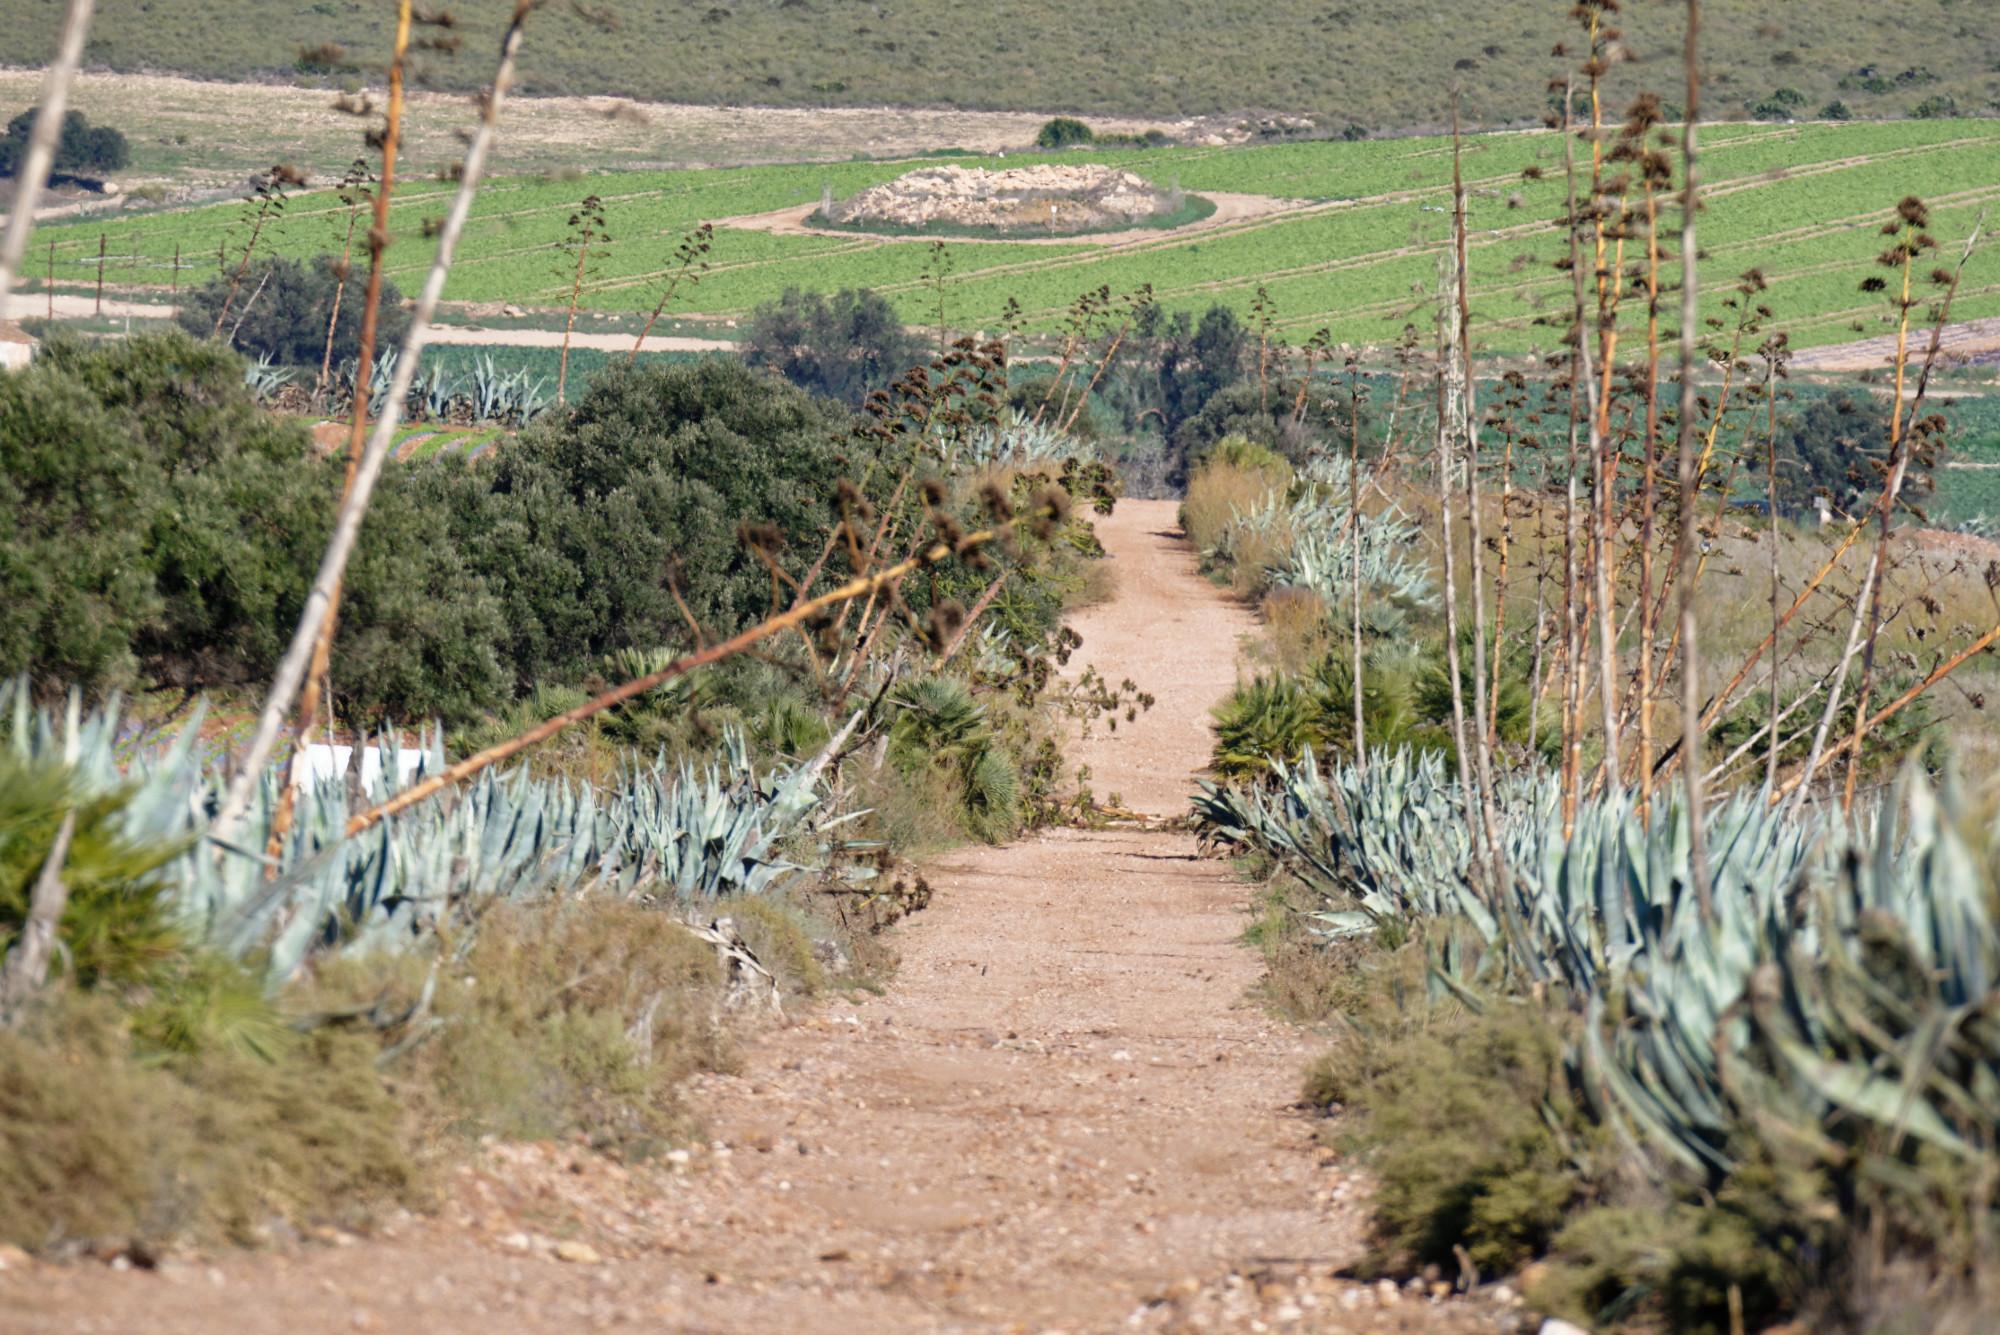 171218-Piste Rodalquilar vers Cortijo del Fraile (Cabo de Gata-Andalousie) (39)